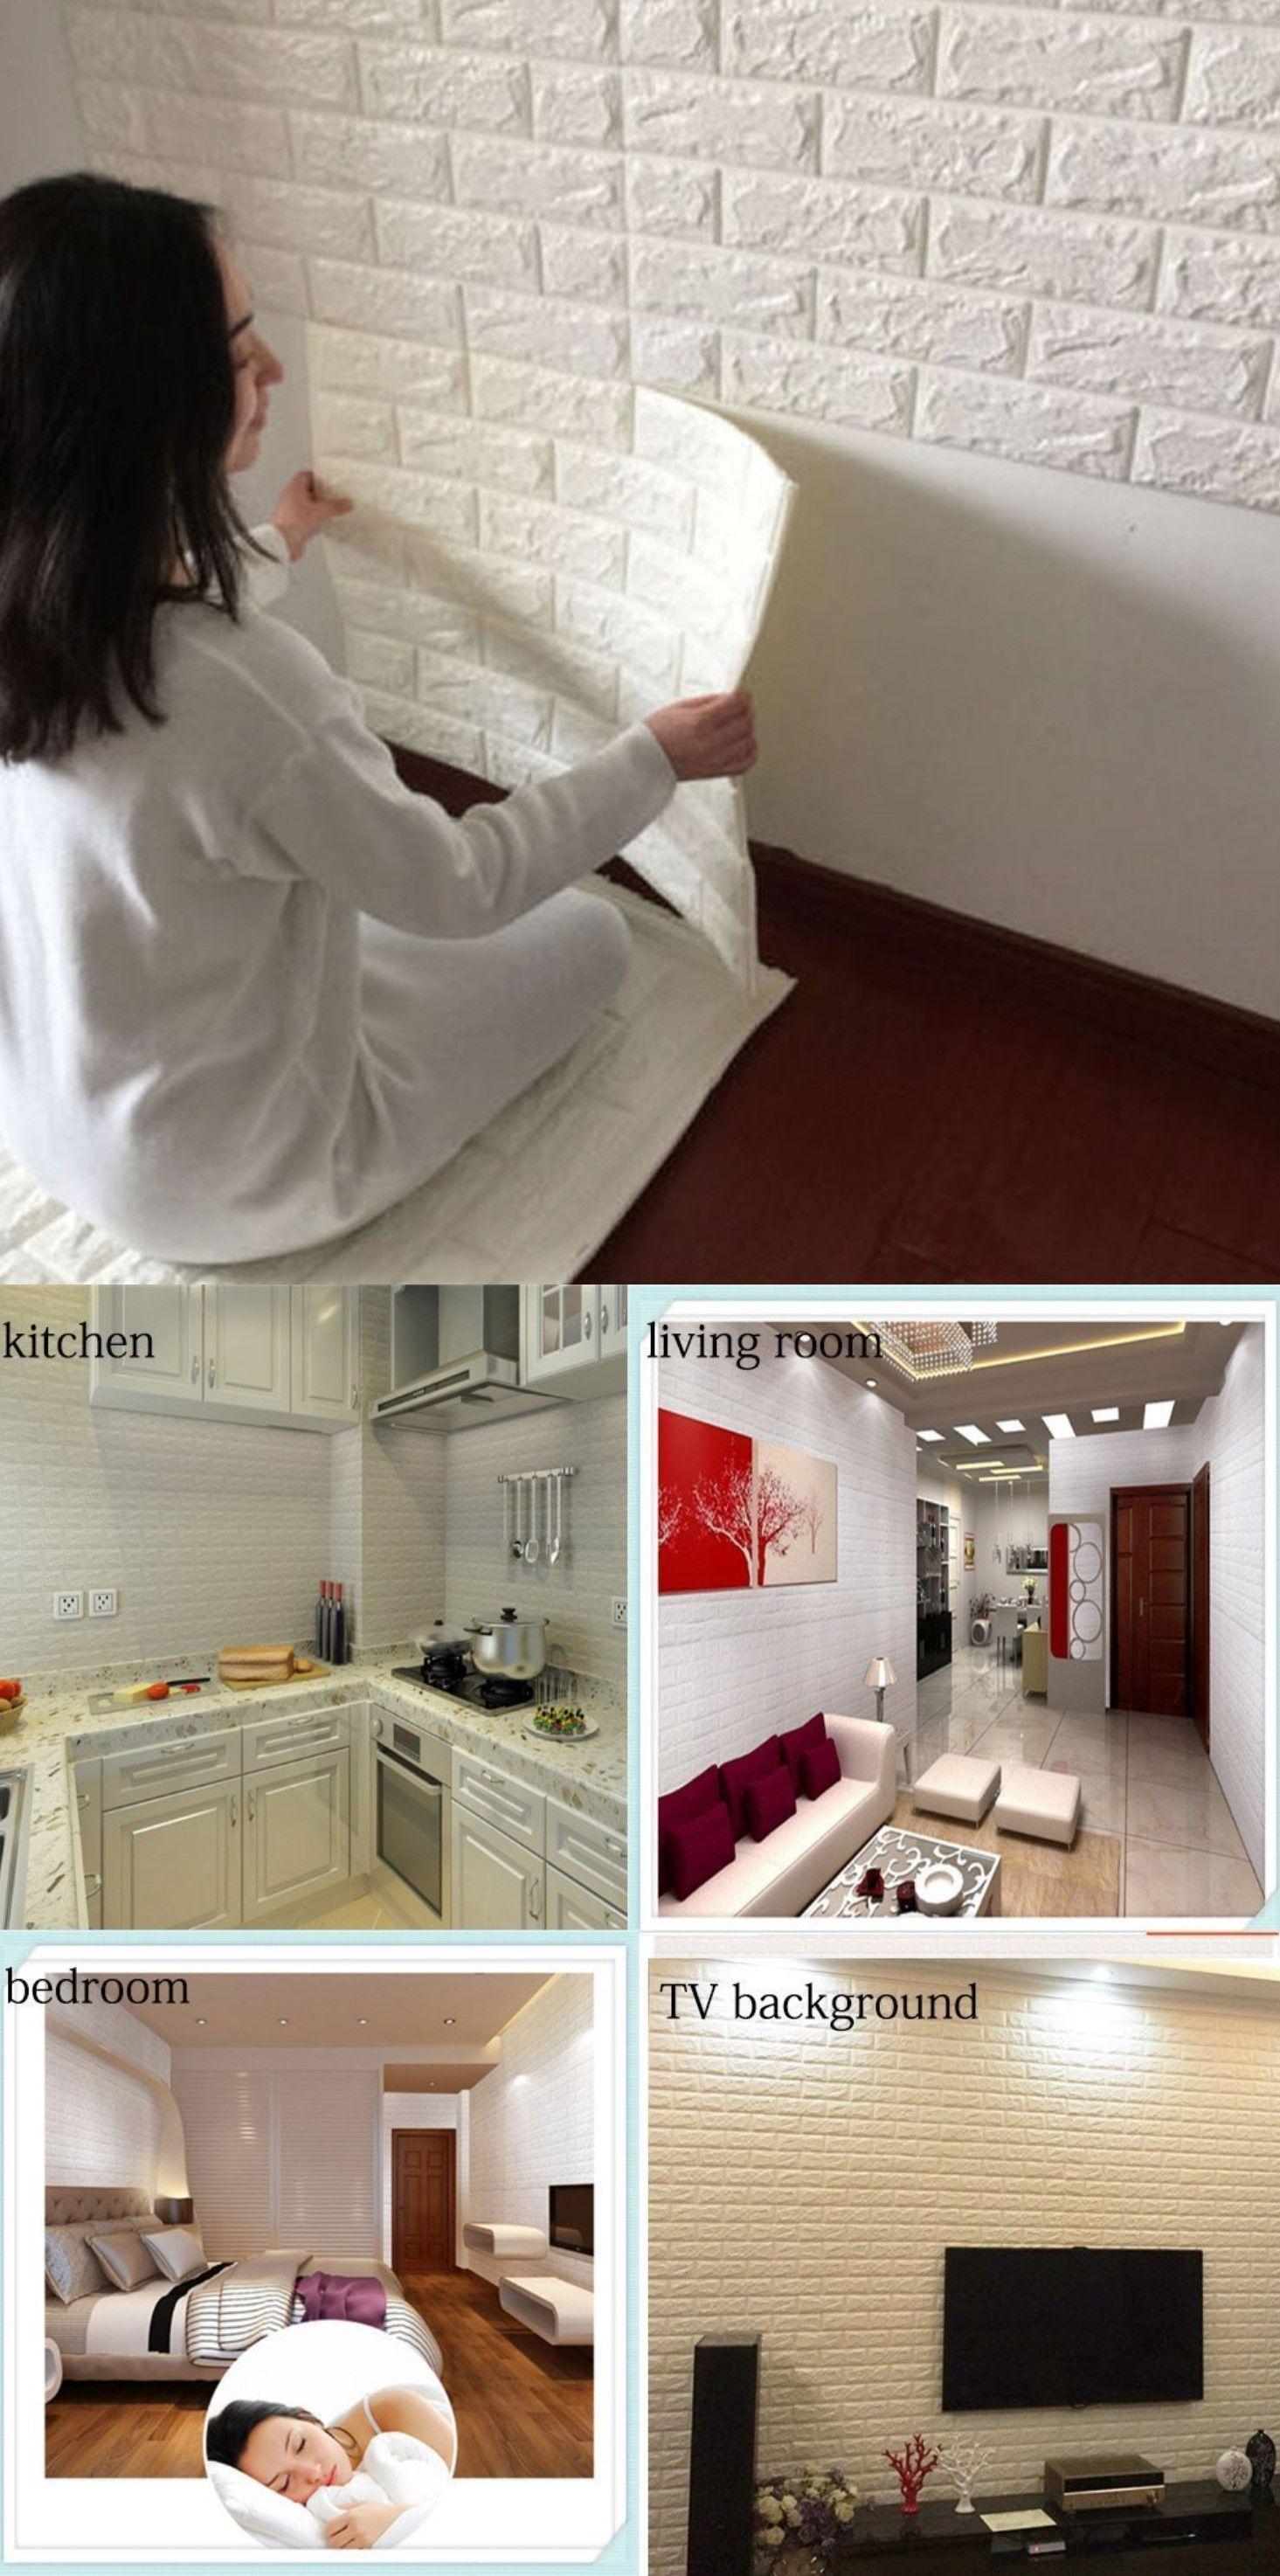 Attraktiv DODOING Fliesensticker Aufkleber Fliesenbild Selbstklebend Tapete Design  Moderne 3D Optik Für Wohnzimmer, Schlafzimmer Oder Küche